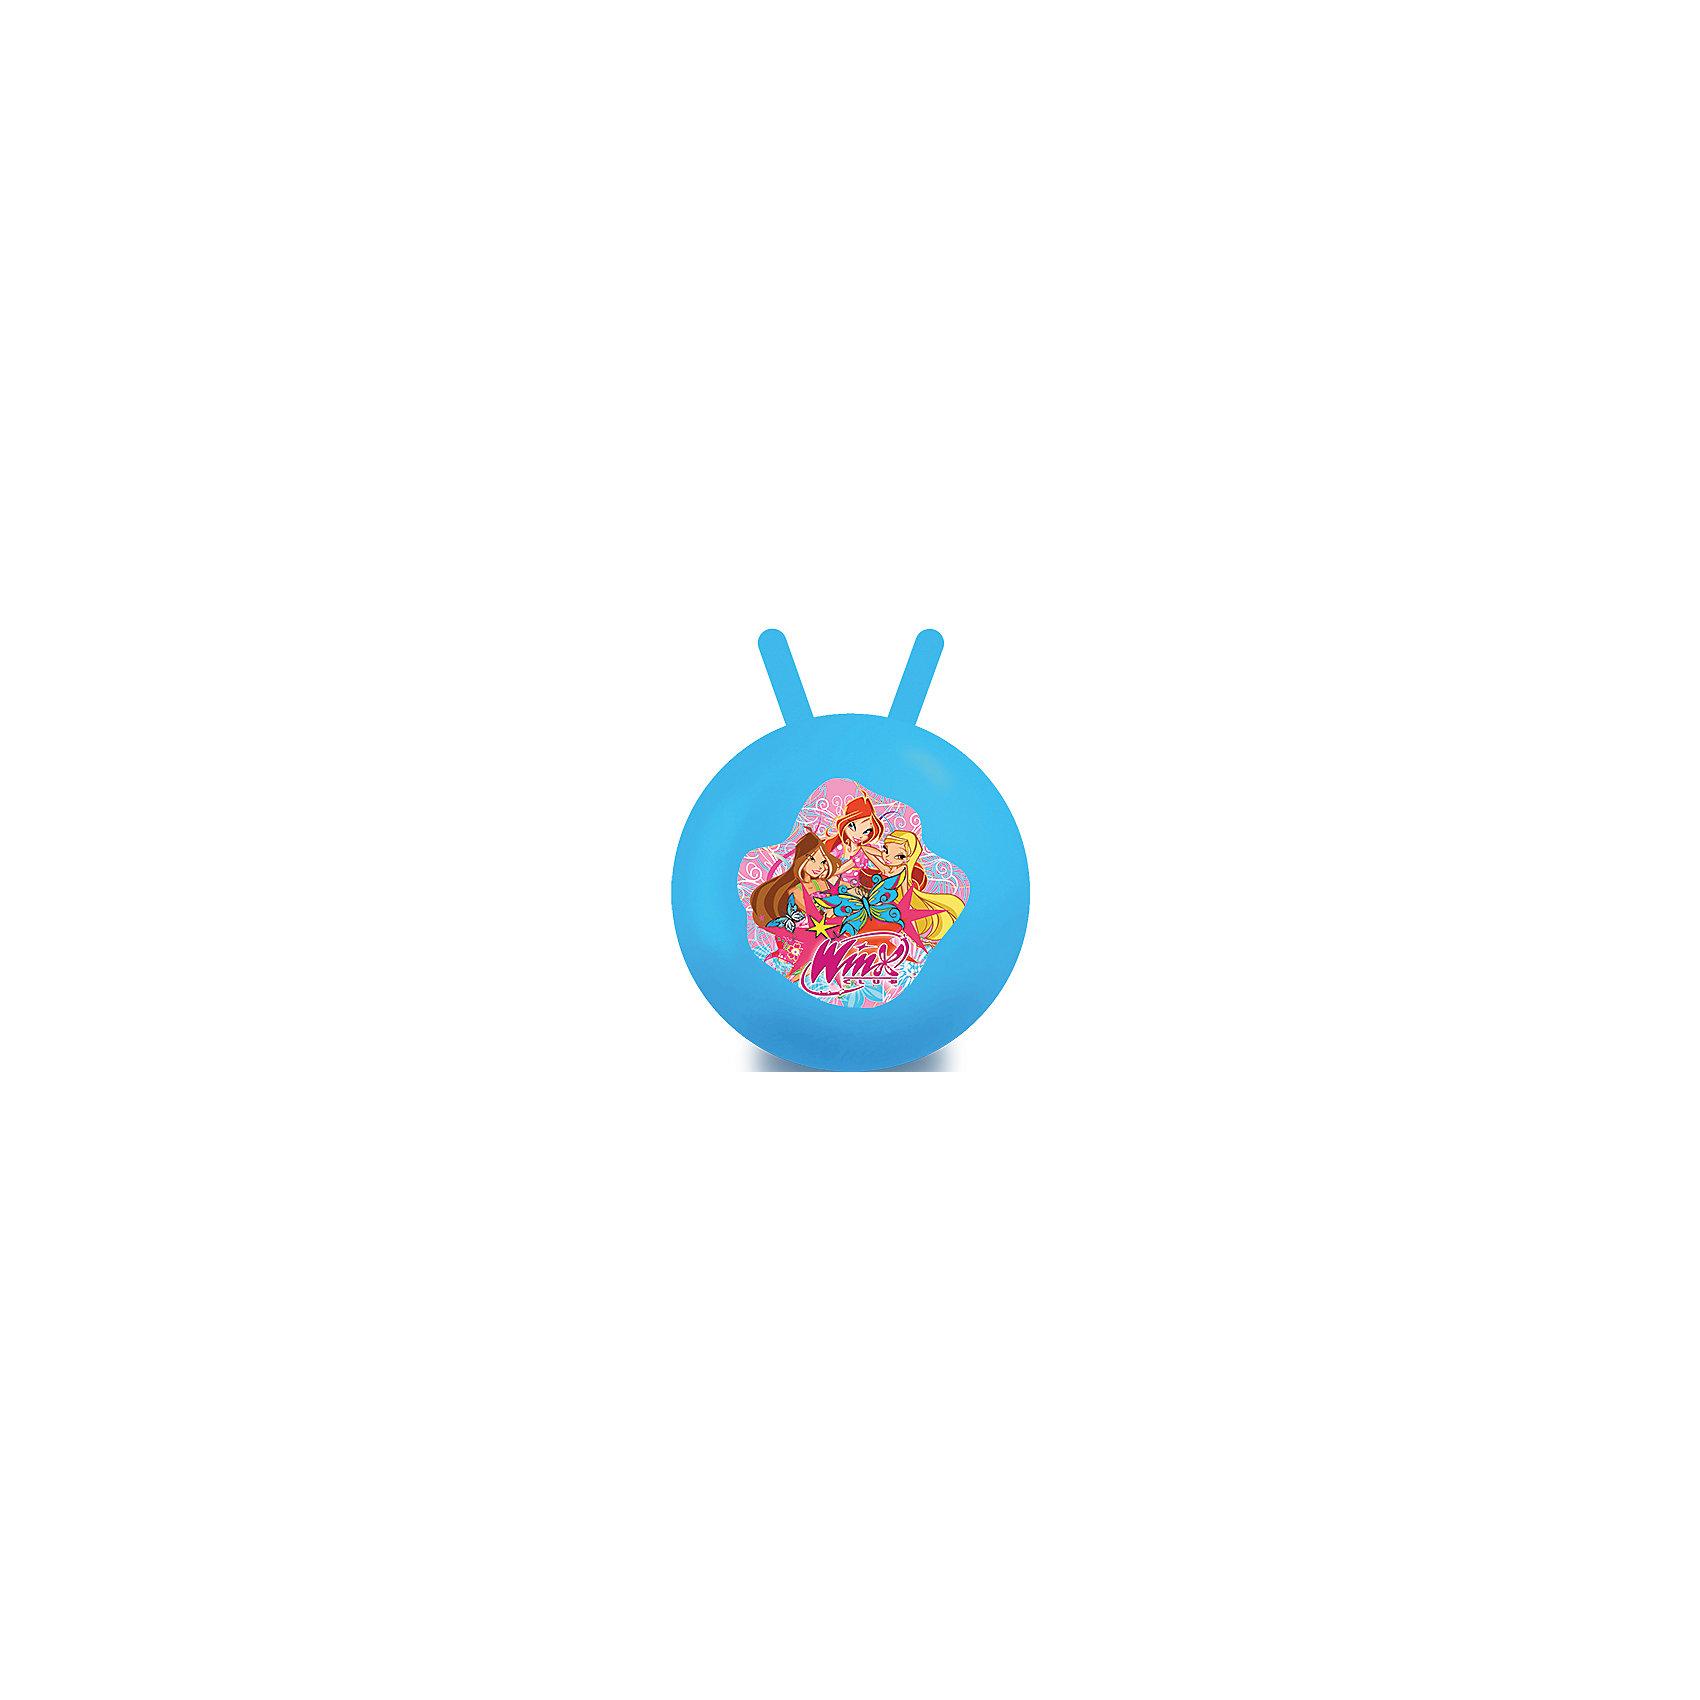 Мяч с рожками, 45 см, Winx Club, Играем вместеМяч-попрыгун с рожками выполнен из высококачественных прочных полимерных материалов. Ребенку понравится прыгать на нем. Веселые игры с мячом не только принесут множество положительных эмоций и улыбок, но и помогут детям улучшить координацию движений, потренируют вестибулярный аппарат, укрепят мышцы ног, рук и спины.<br><br>Дополнительная информация:<br><br>- Материал: ПВХ.<br>- Размер: d - 45 см.<br>- Максимальный вес ребенка: 70 кг.  <br>- Цвет в ассортименте.<br>ВНИМАНИЕ! Данный артикул представлен в разных цветовых вариантах. К сожалению, заранее выбрать определенный вариант невозможно. При заказе нескольких мячей возможно получение одинаковых.<br><br>Мяч с рожками, 45 см, Winx Club (Клуб Винкс), Играем вместе, в ассортименте, можно купить в нашем магазине.<br><br>Ширина мм: 380<br>Глубина мм: 500<br>Высота мм: 510<br>Вес г: 630<br>Возраст от месяцев: 36<br>Возраст до месяцев: 144<br>Пол: Женский<br>Возраст: Детский<br>SKU: 4616848